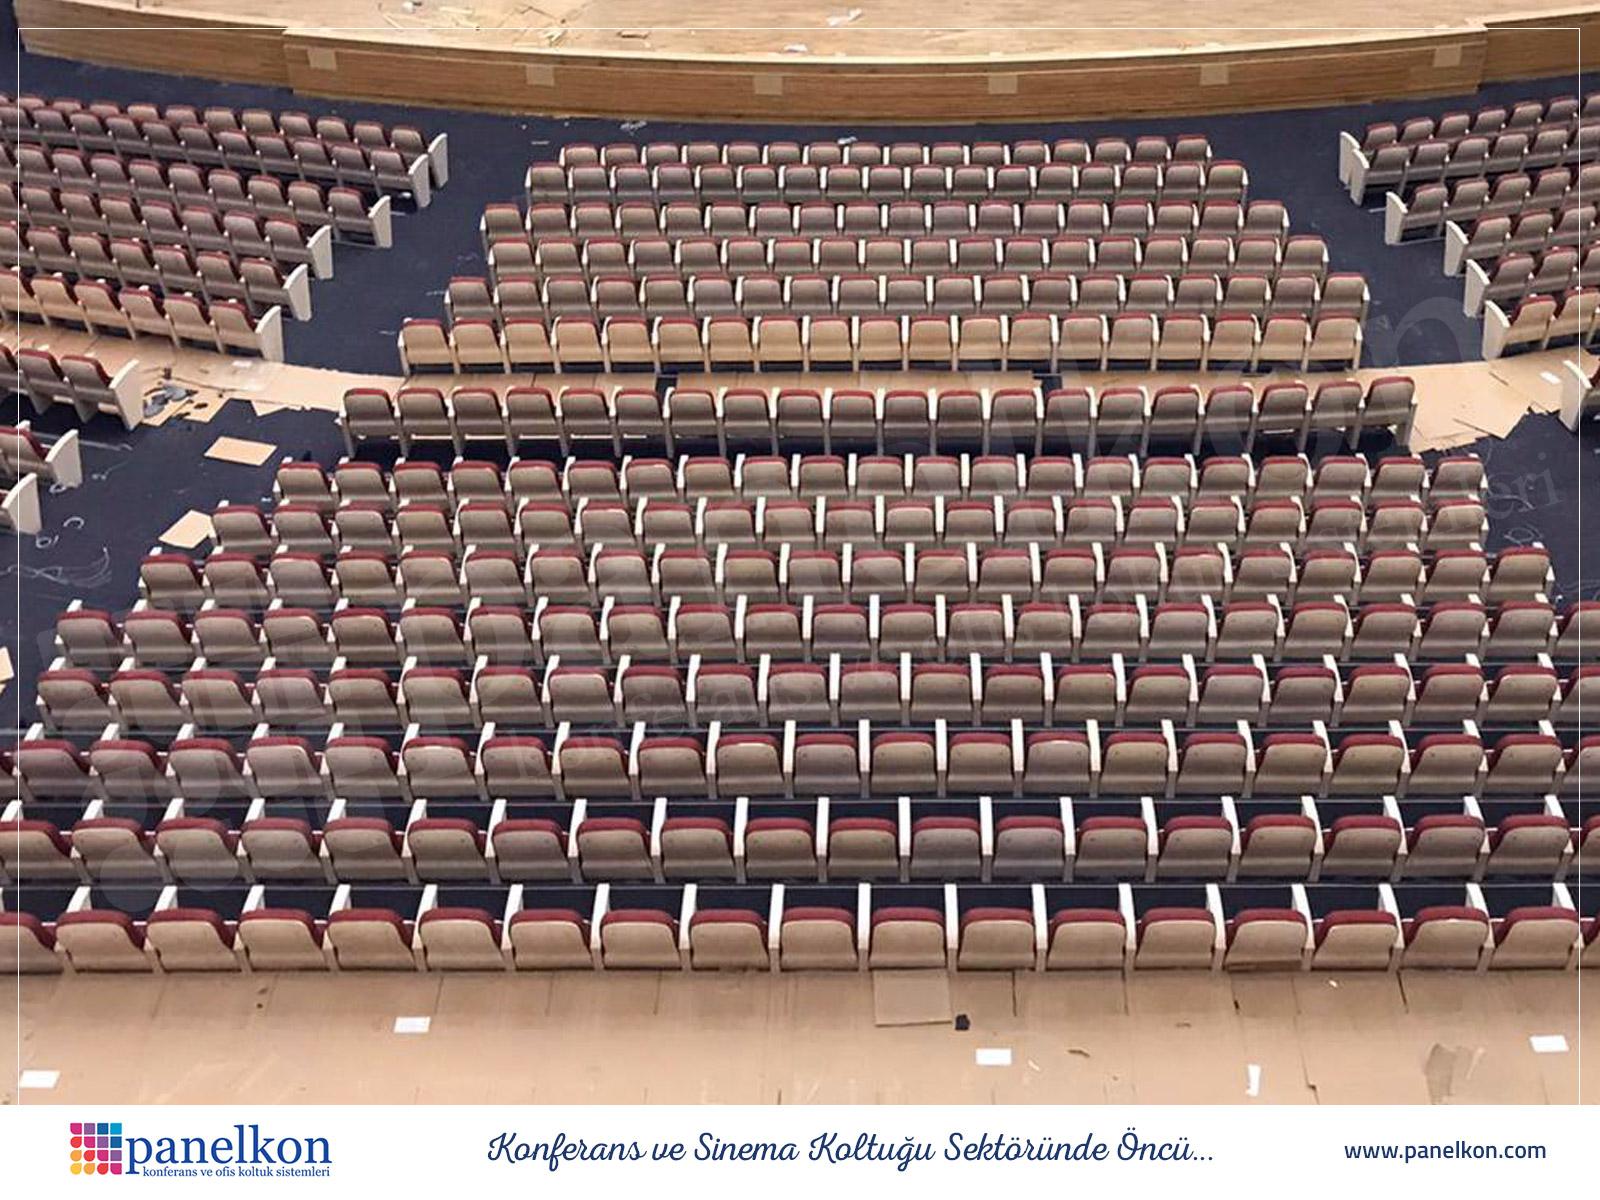 kayseri konferans koltukları